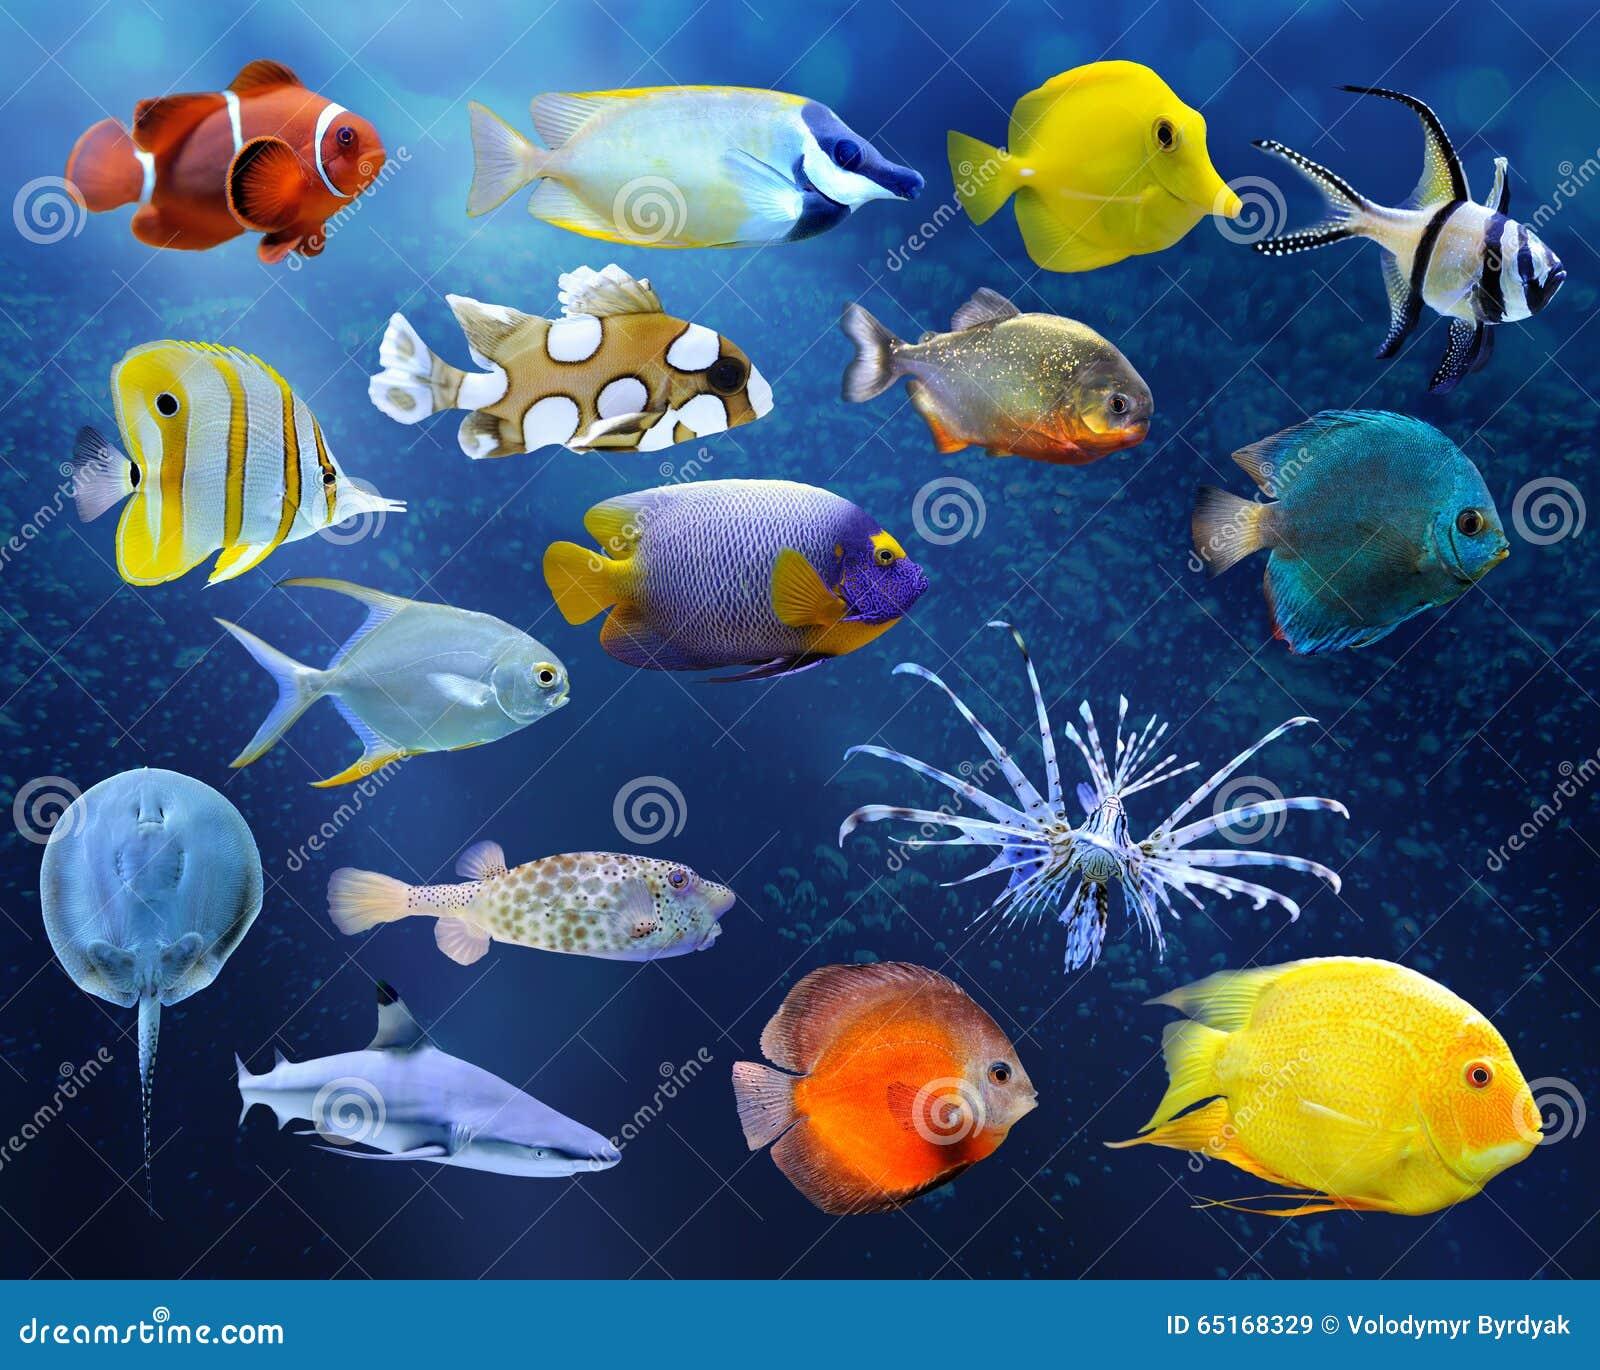 一条热带鱼的了不起的收藏在蓝色背景的.图片